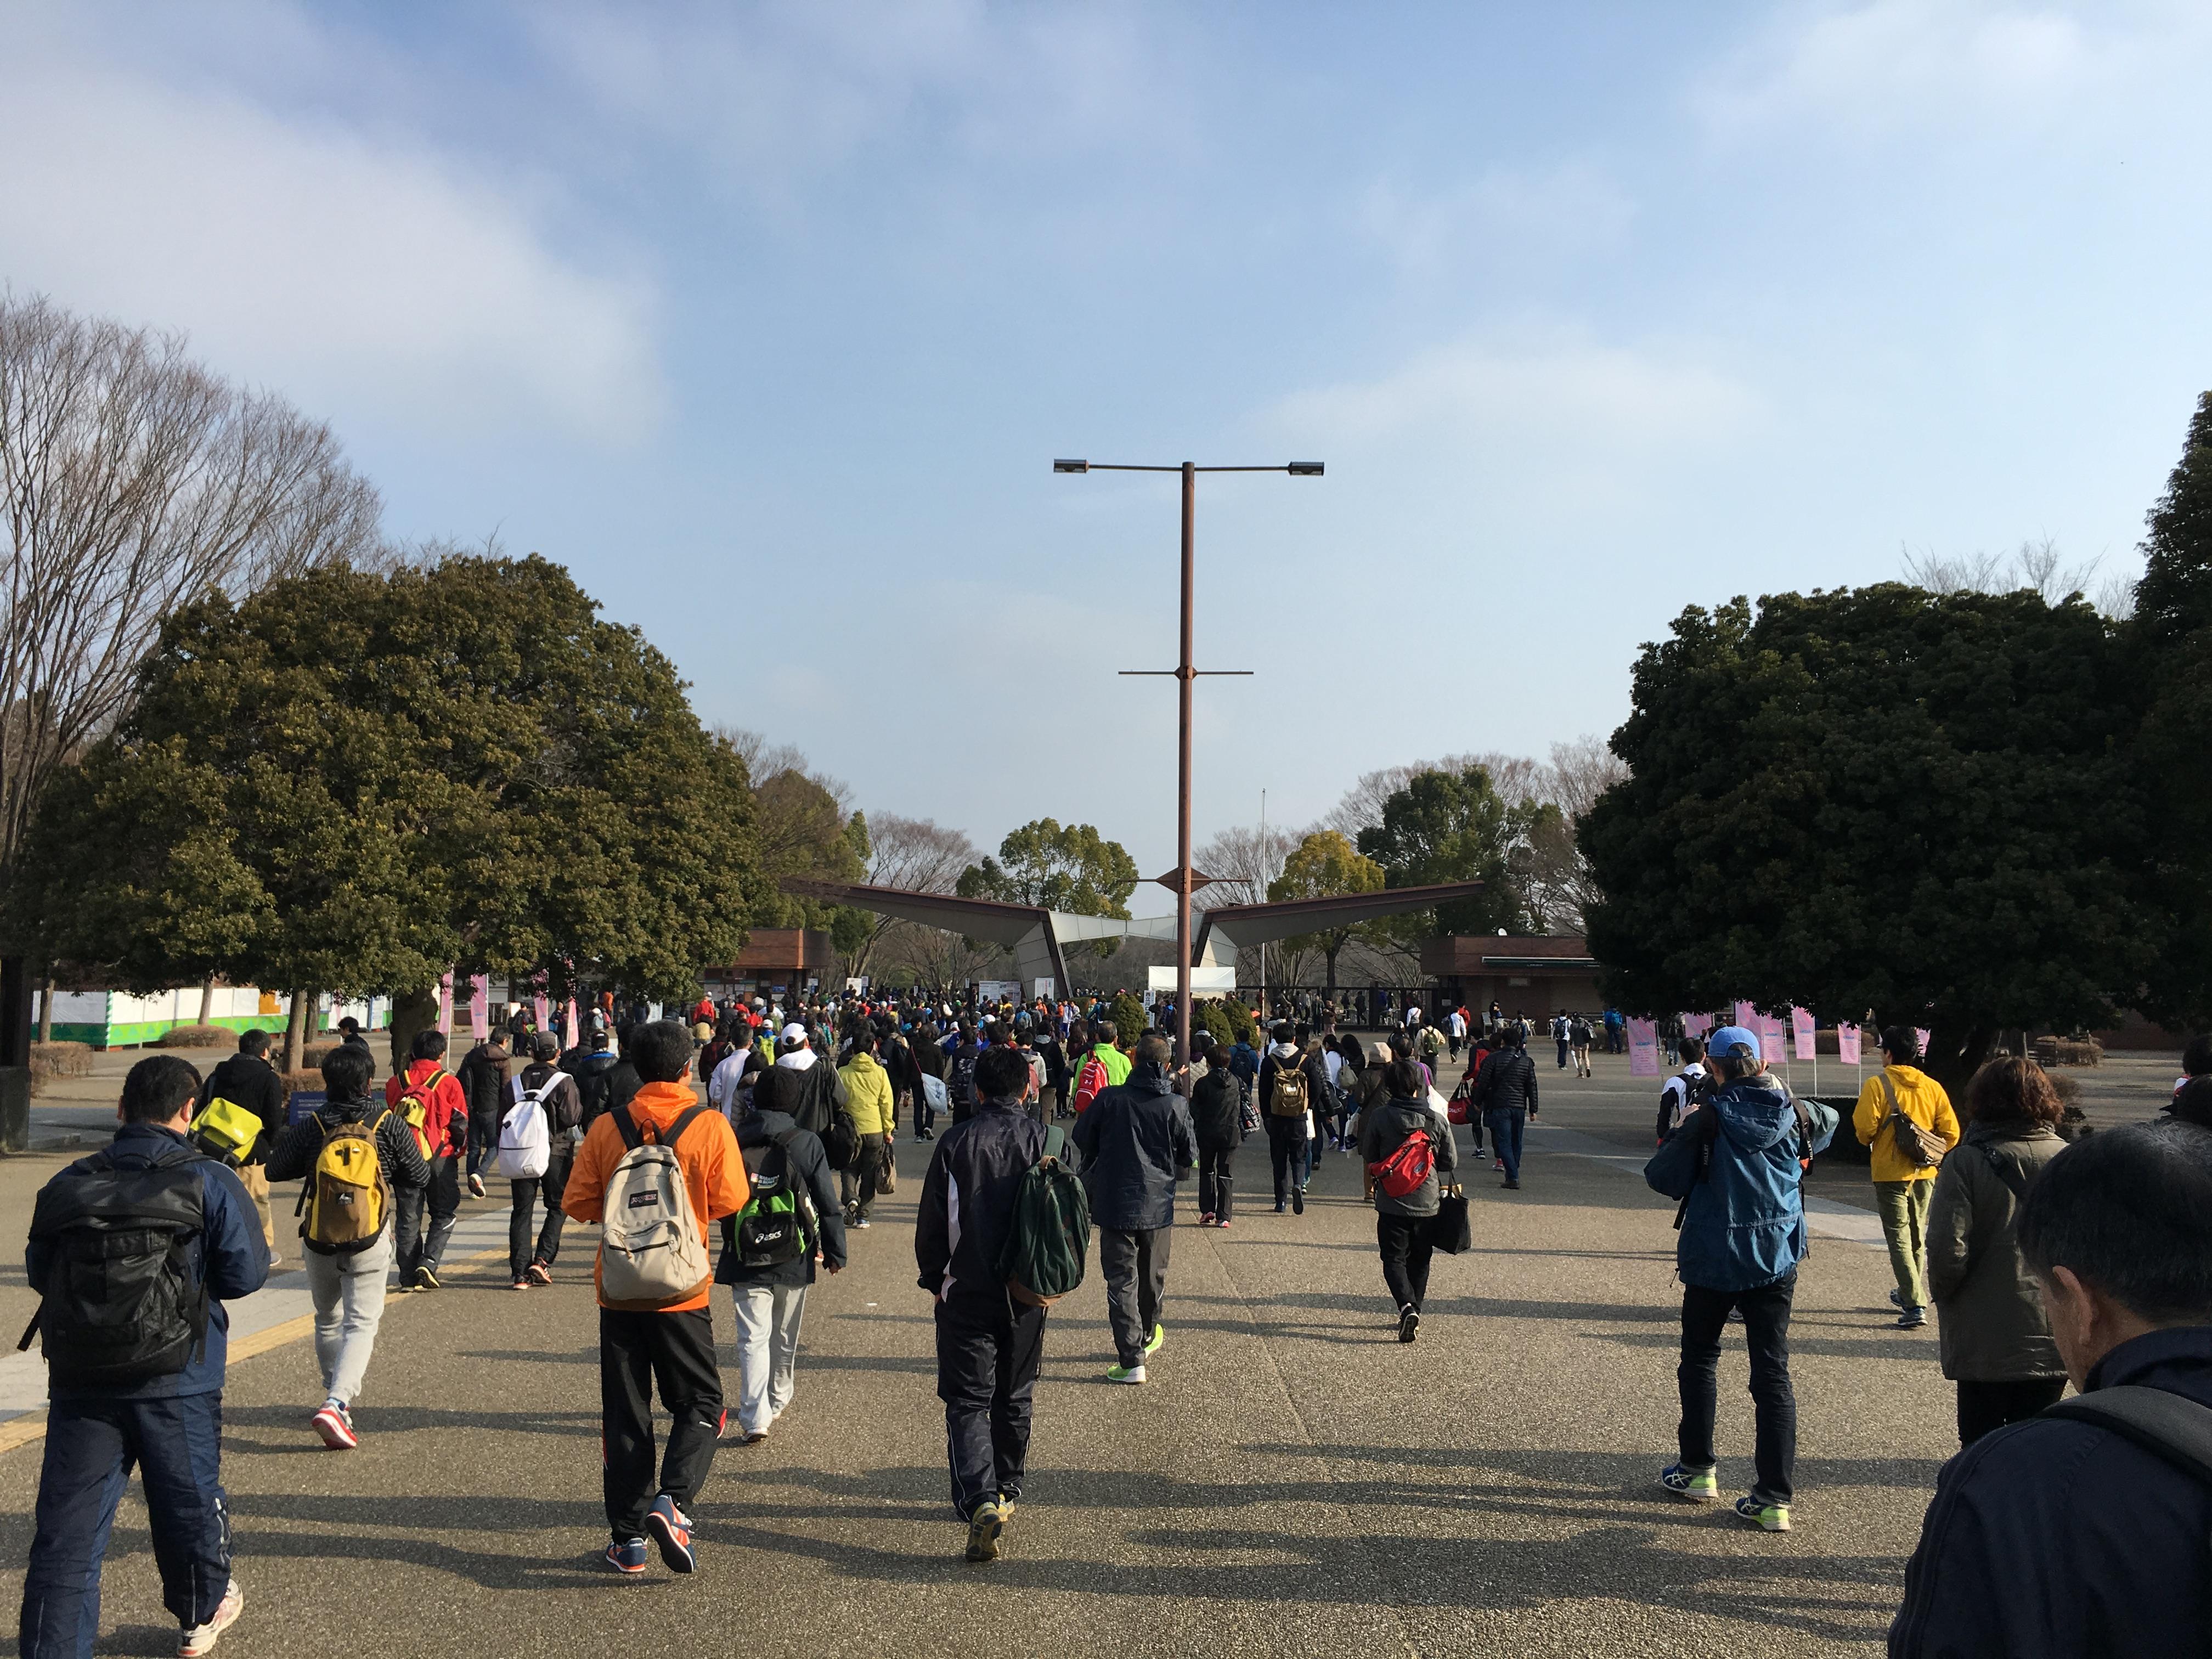 立川ハーフマラソン2016完走。1時間31分だった僕のペースとレースについて。